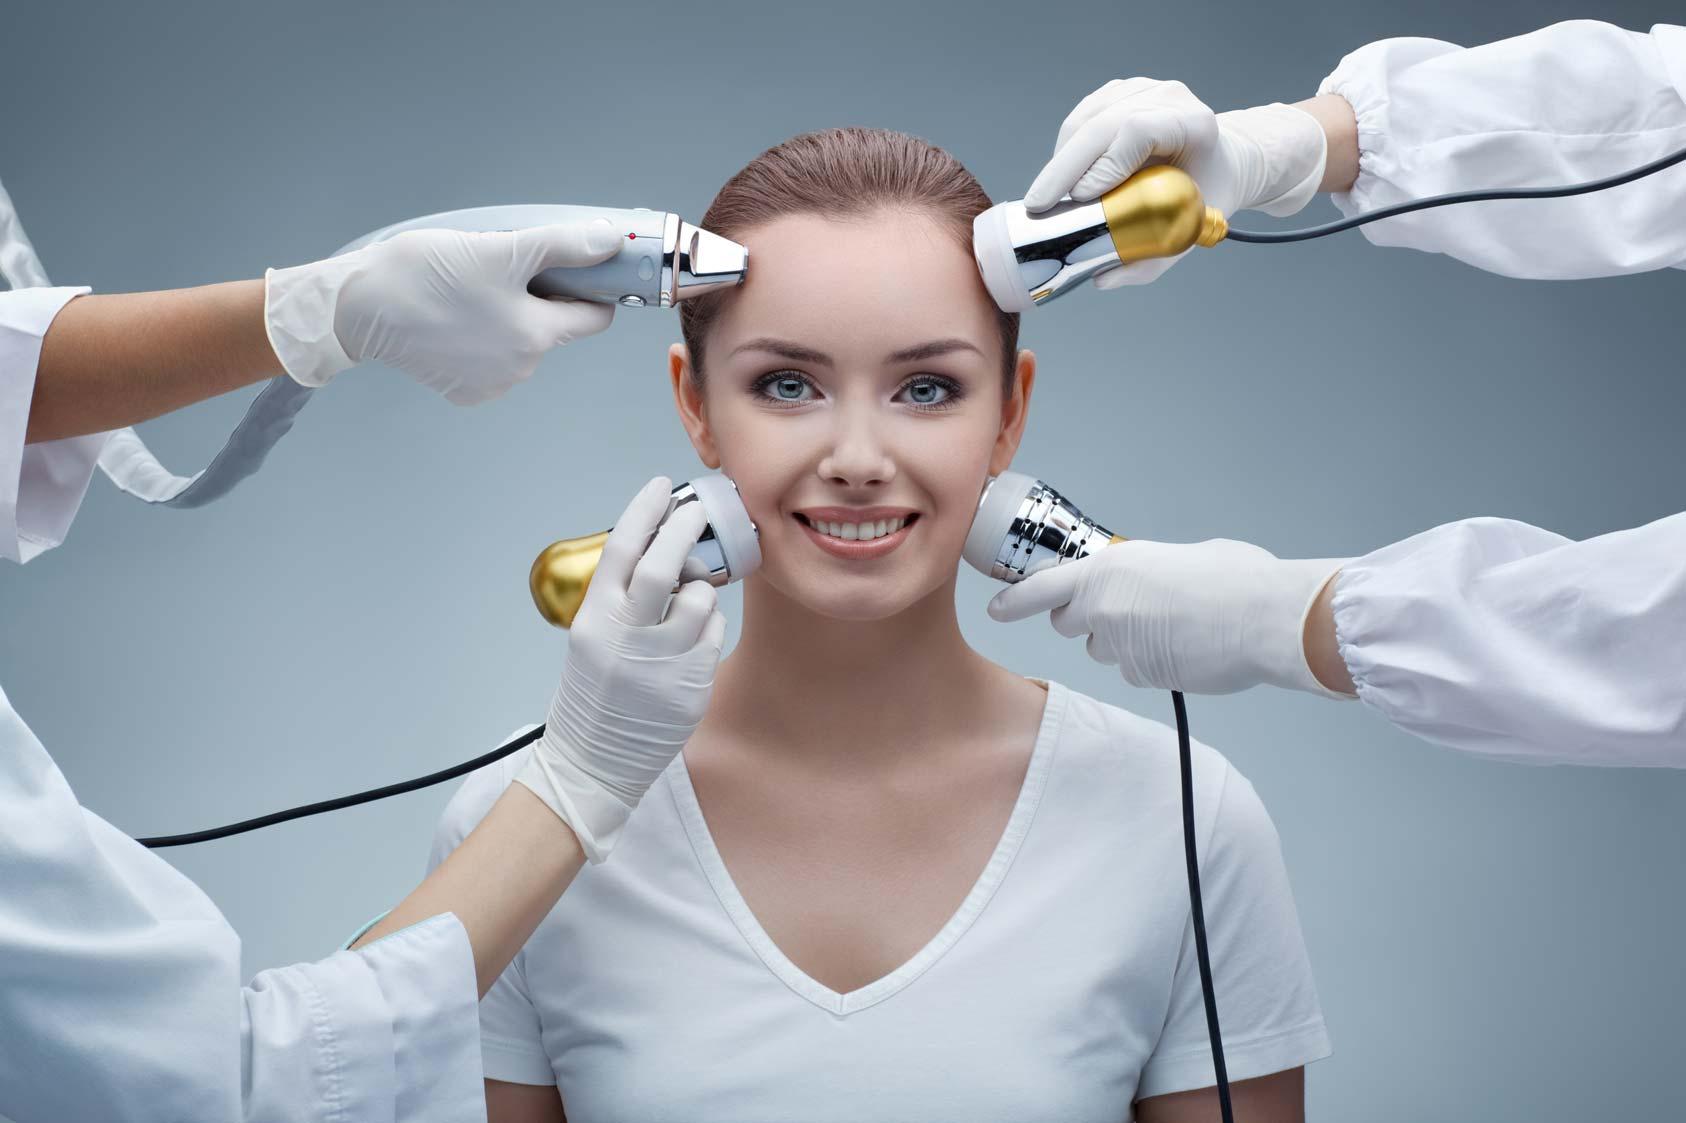 Химический пилинг для лица: виды, описание процедуры, стоимость